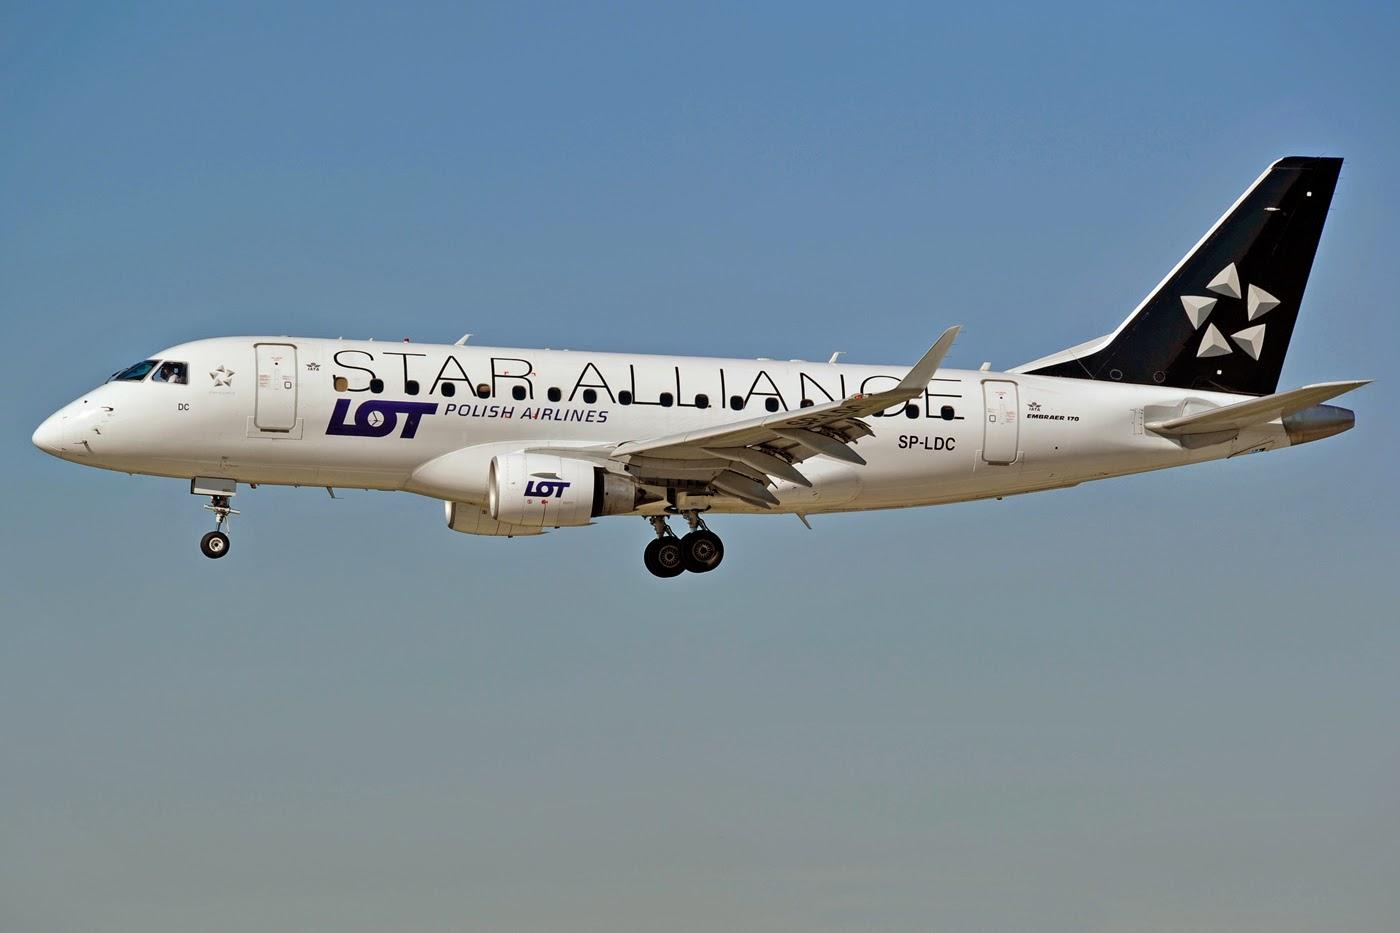 В авиакомпании LOT рассчитывают на сотрудничество с аэропортом Запорожья